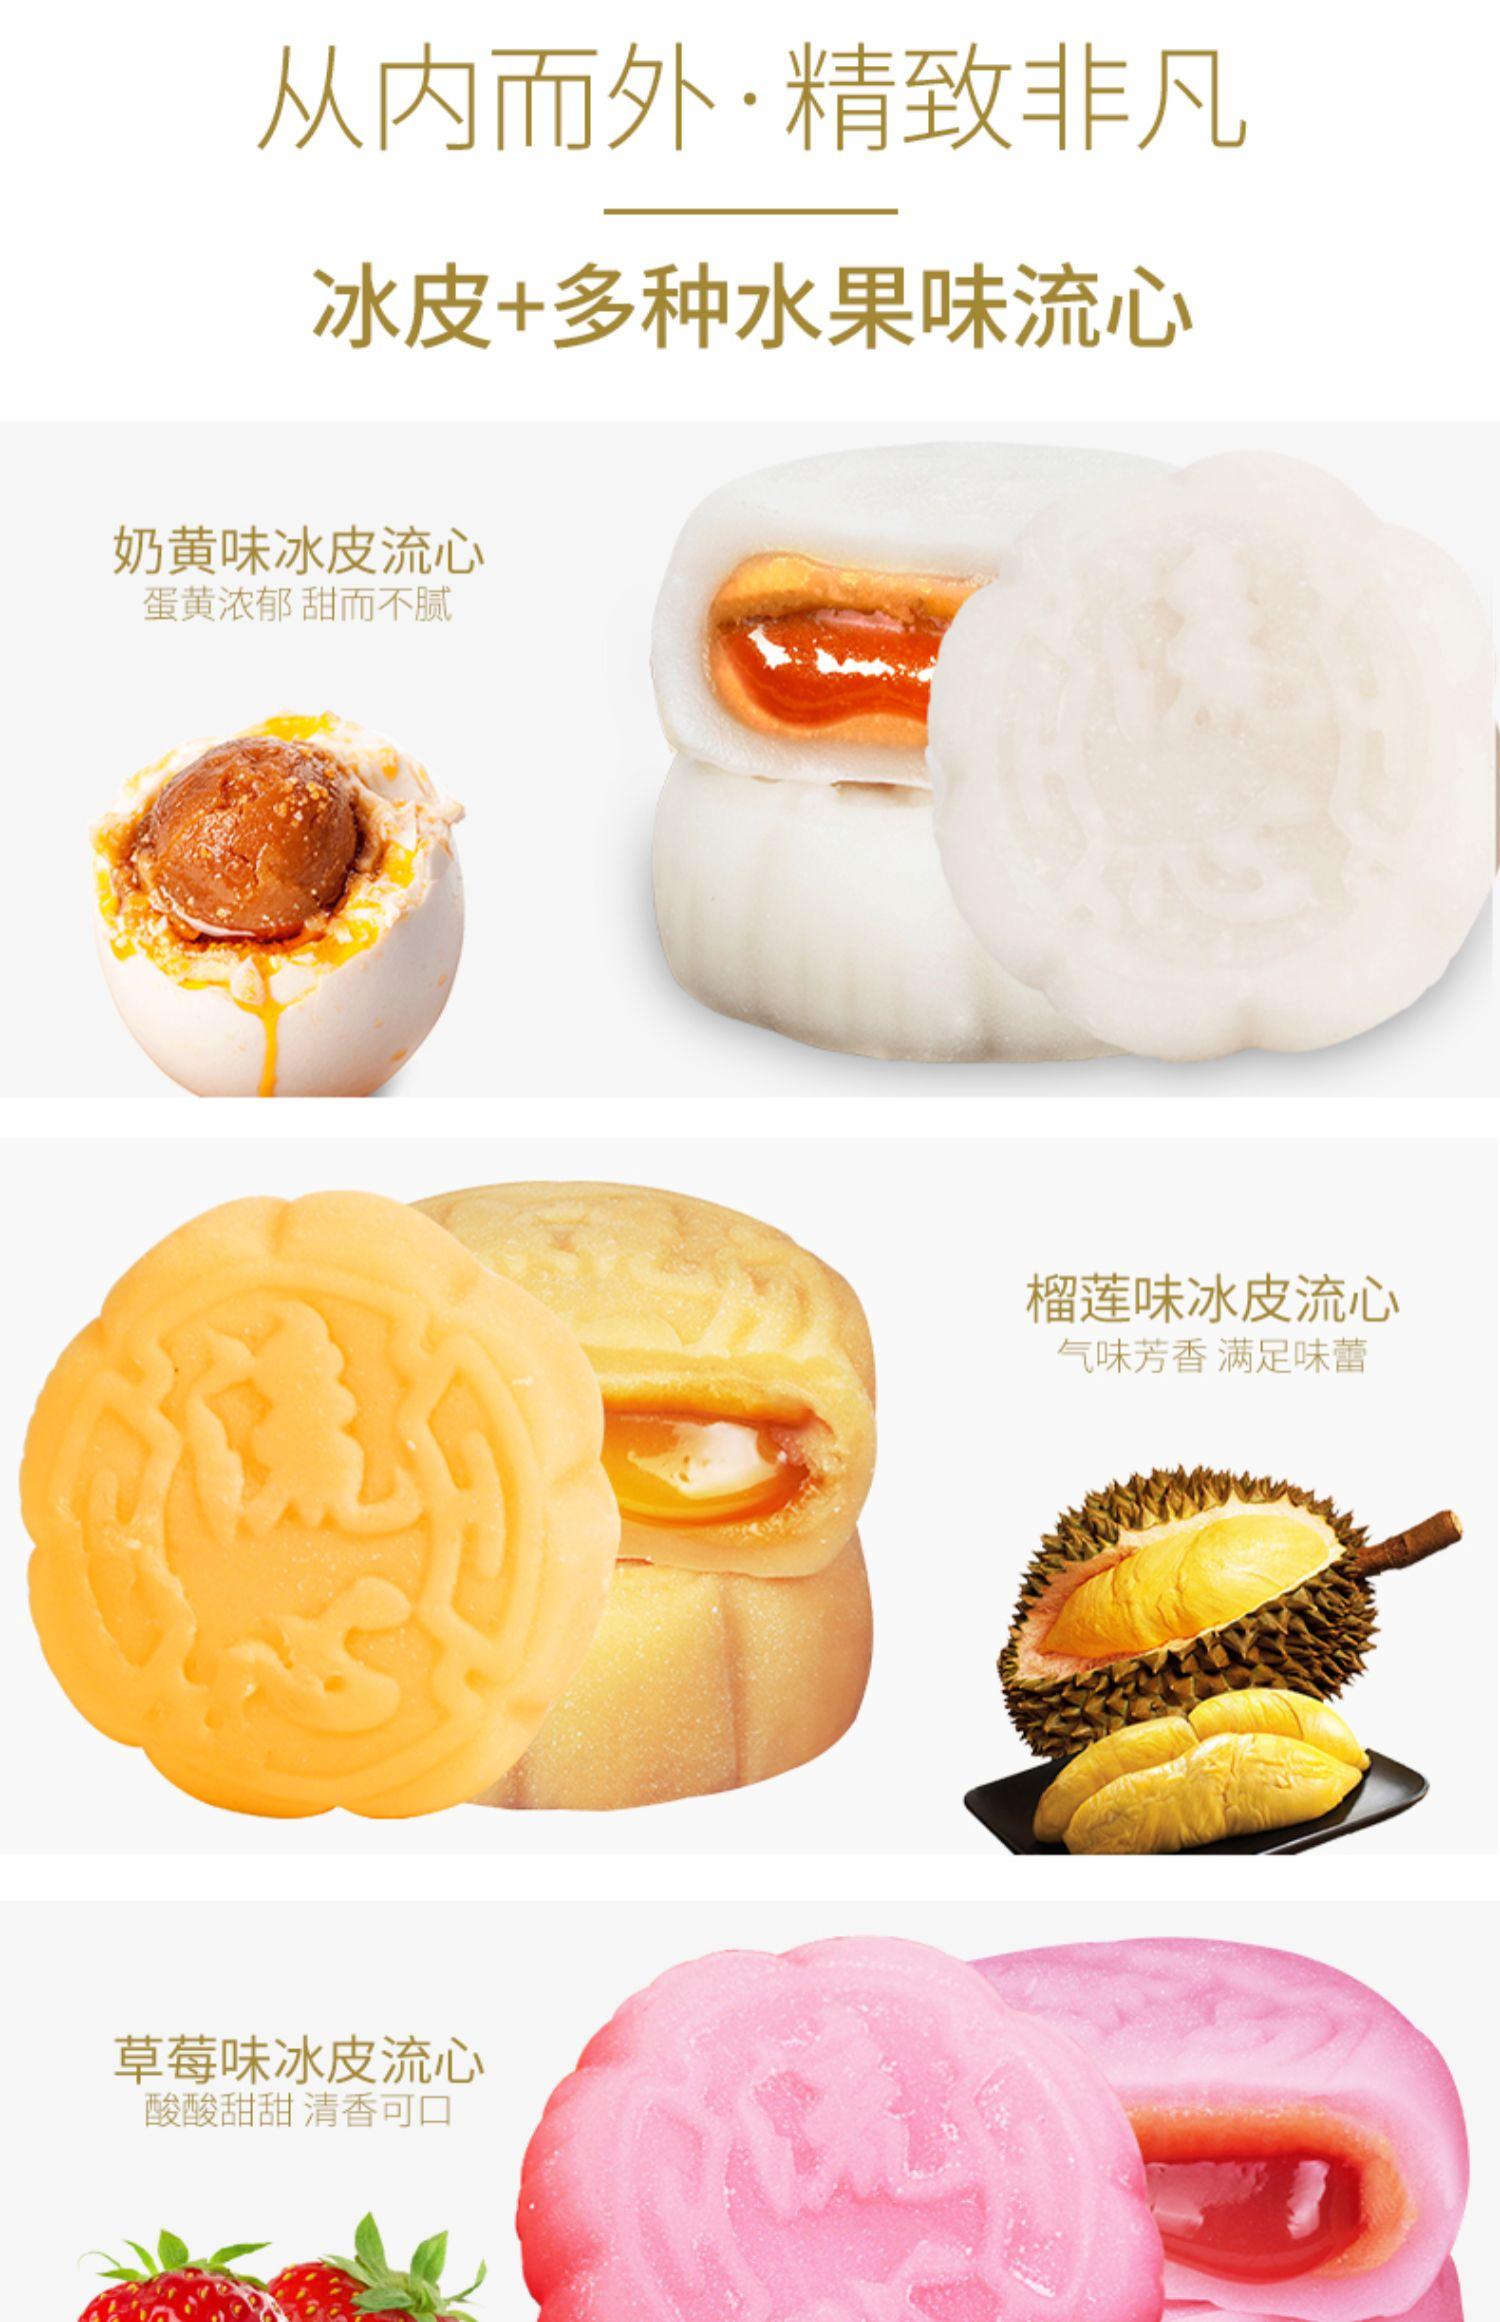 【多种口味】冰皮流心月饼礼盒装